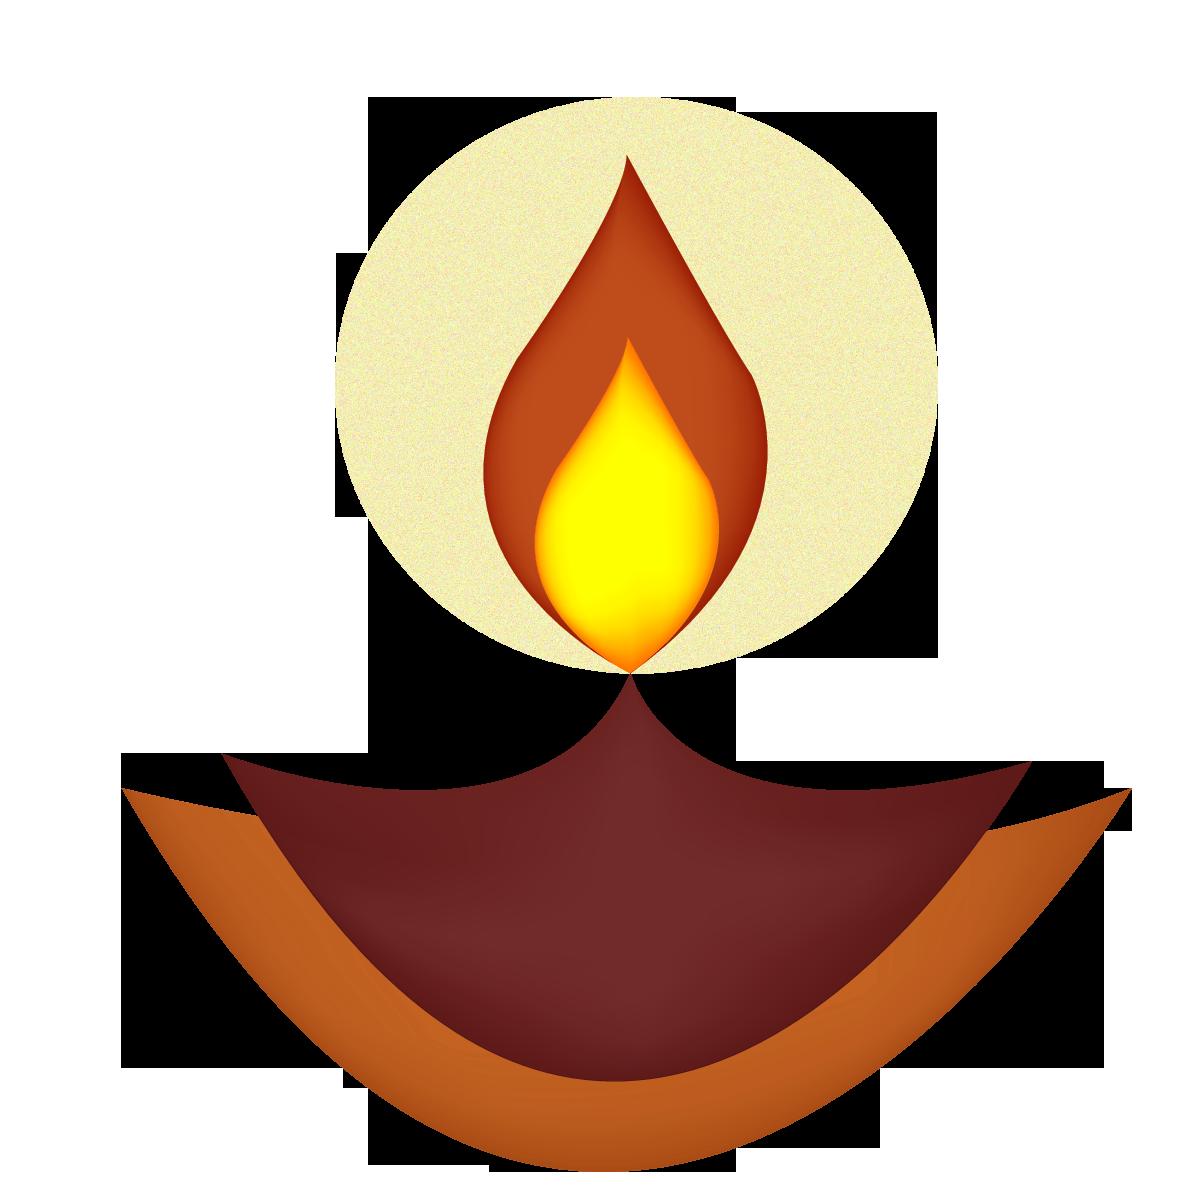 Download Free Diwali Clipart ICON favicon.